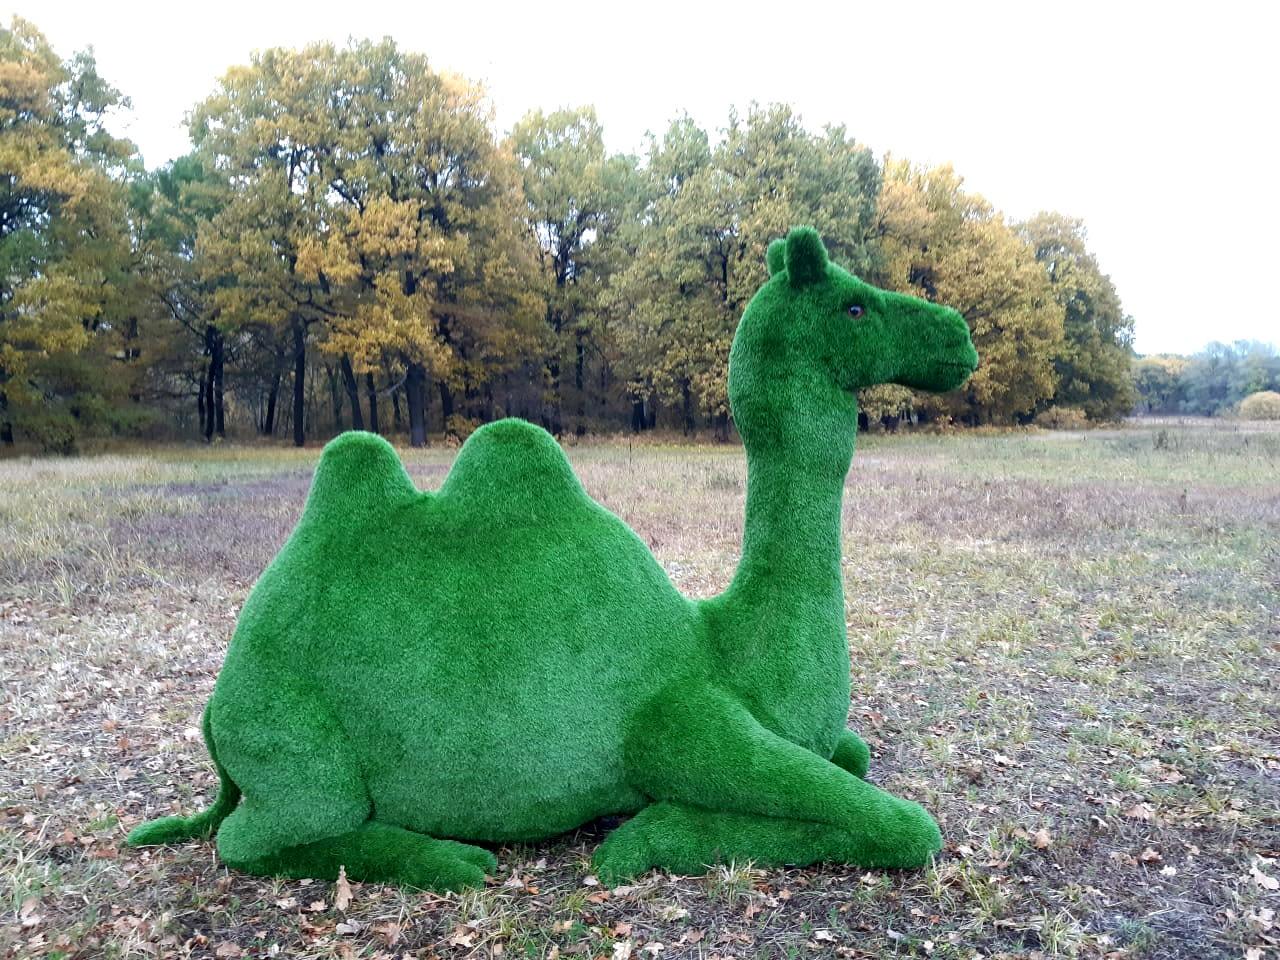 Арт-объект «Верблюд» в Качканаре. Фото: пресс-служба администрации города